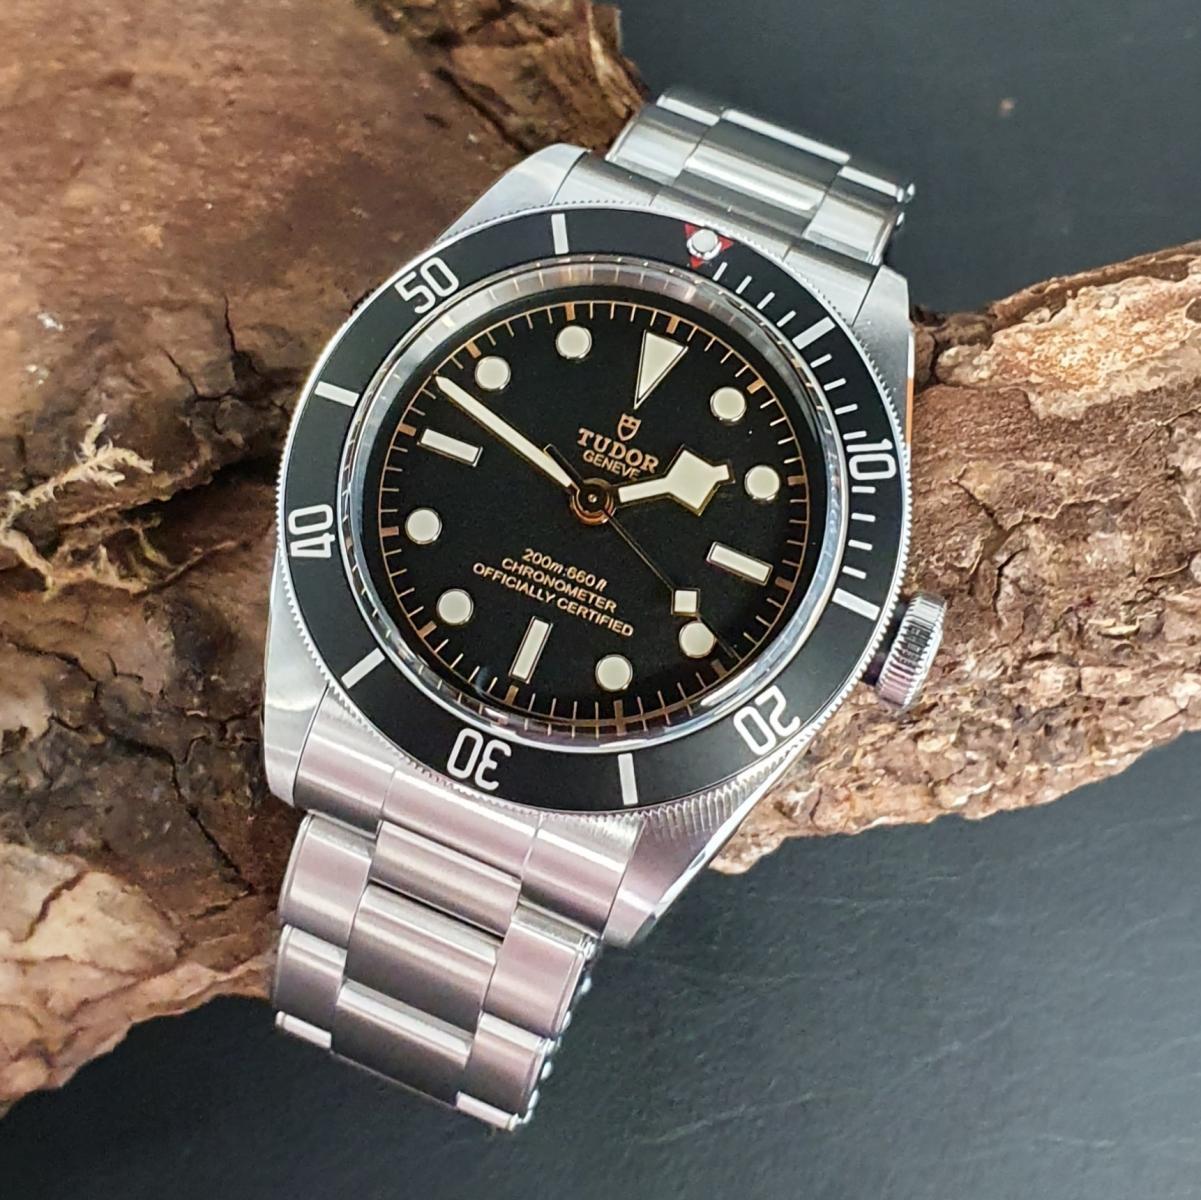 Tudor Black Bay 41 FULL SET Ref. 79230N